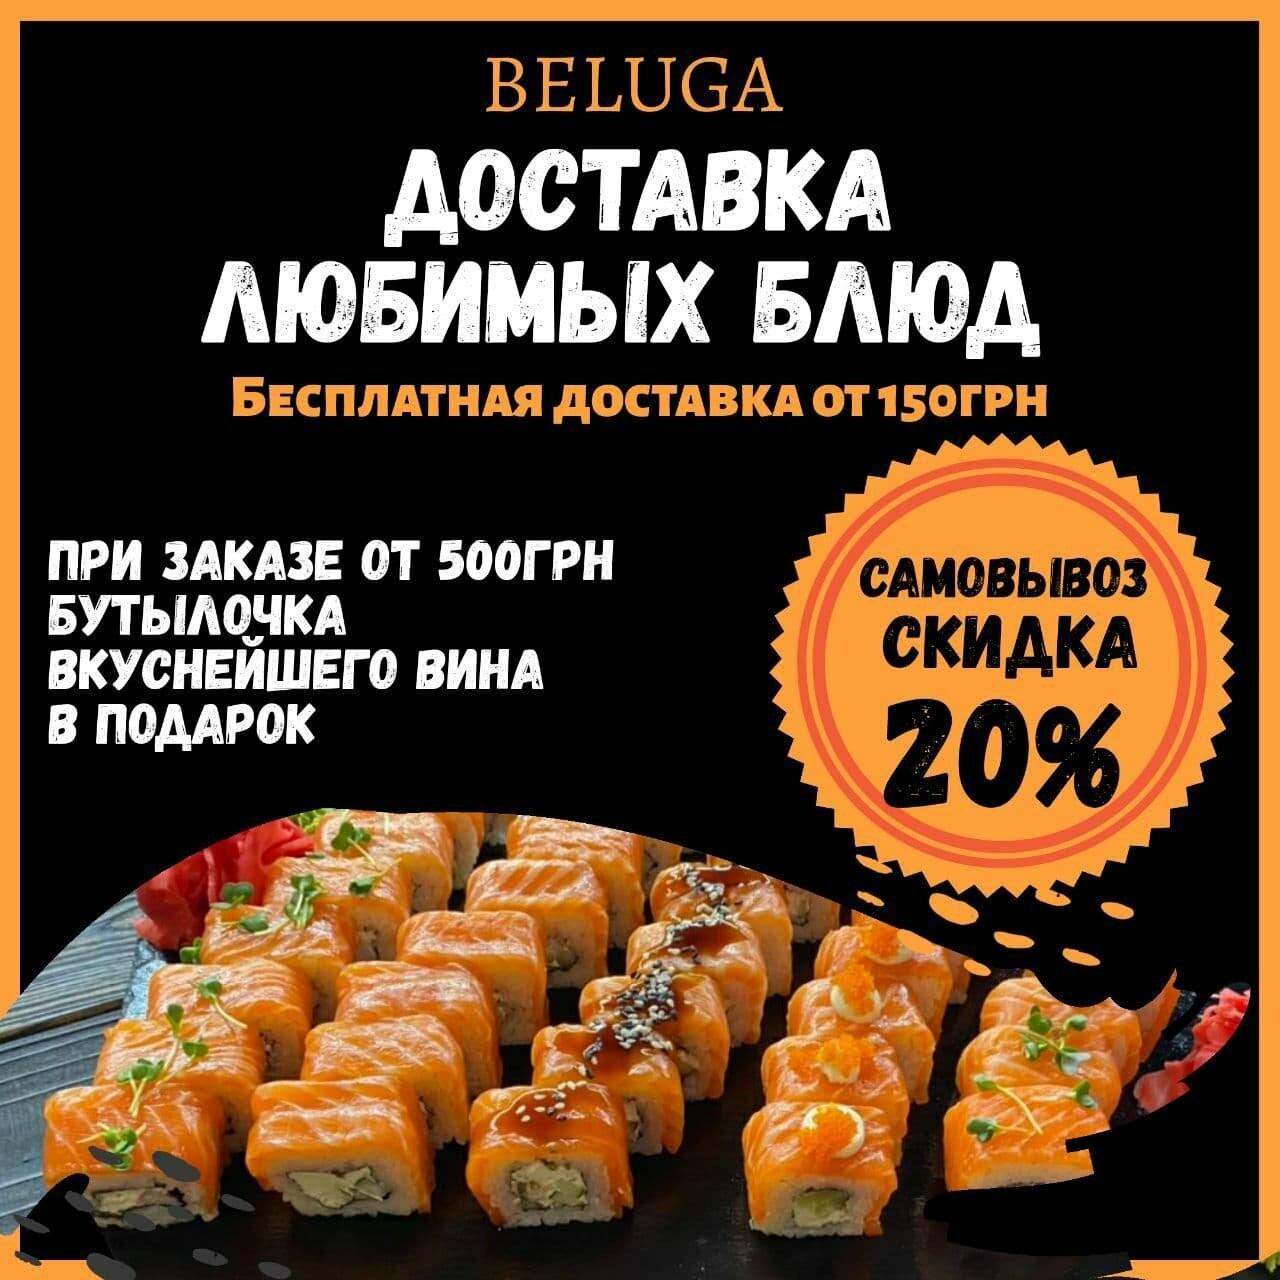 Доставка еды в Запорожье, Доставка Белуга в Запорожье